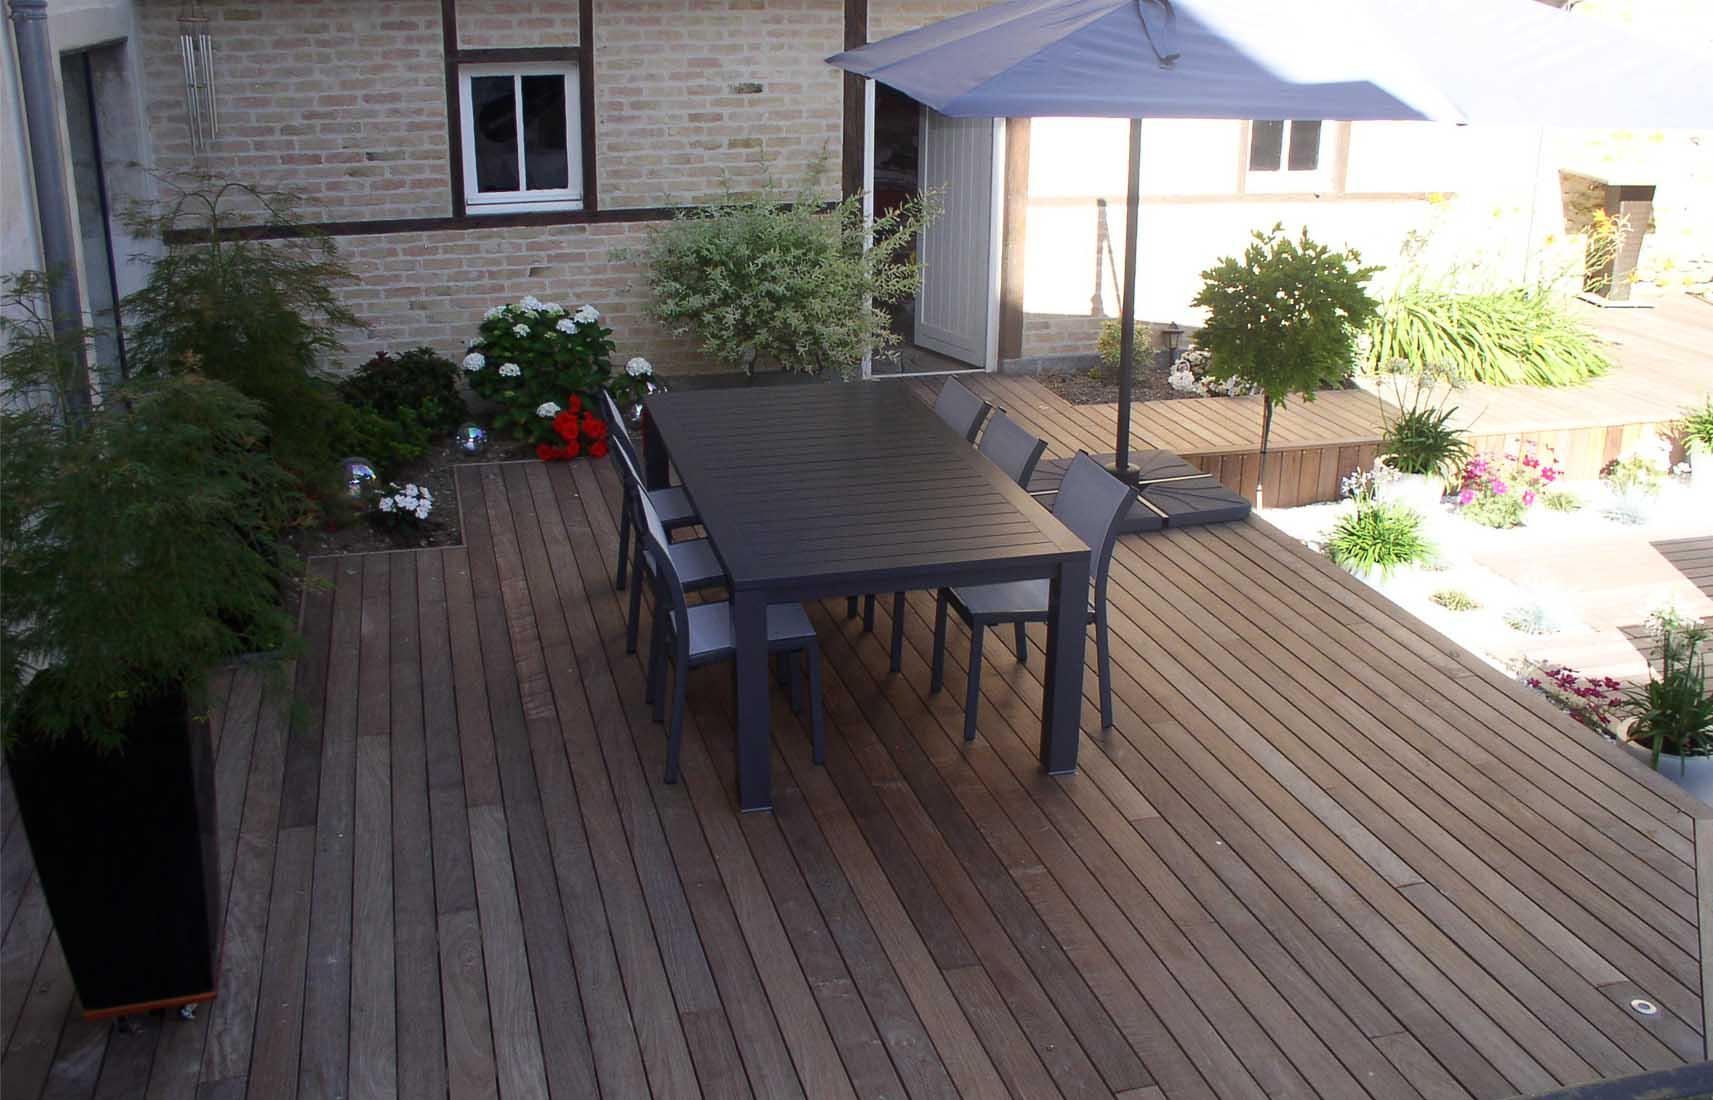 Terrasse bois reims nos conseils for Modele de terrasse en bois exterieur